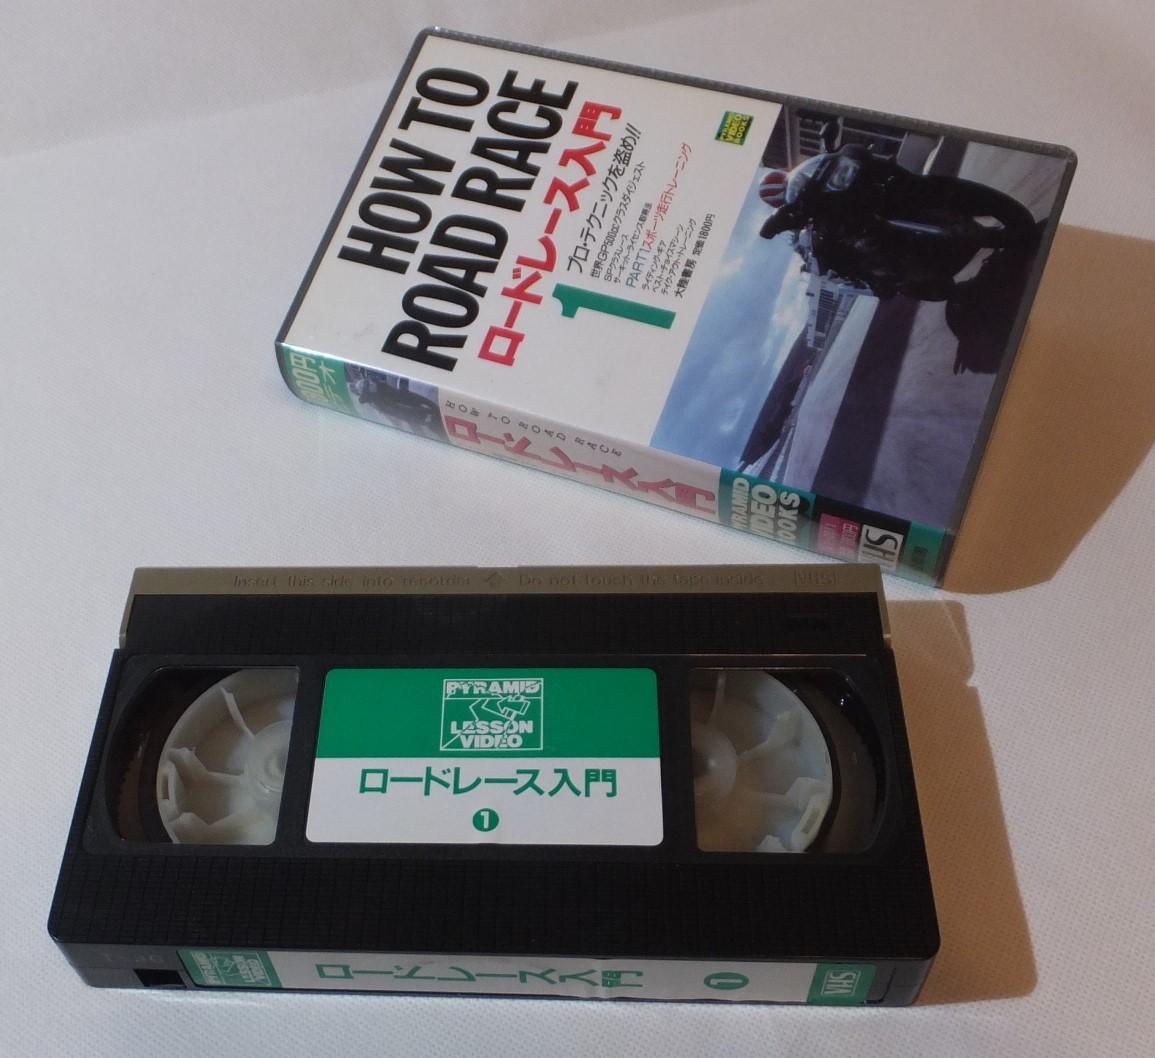 ロードレース入門 PART1,4 VHSテープ・2巻 ★Mh2290_画像4